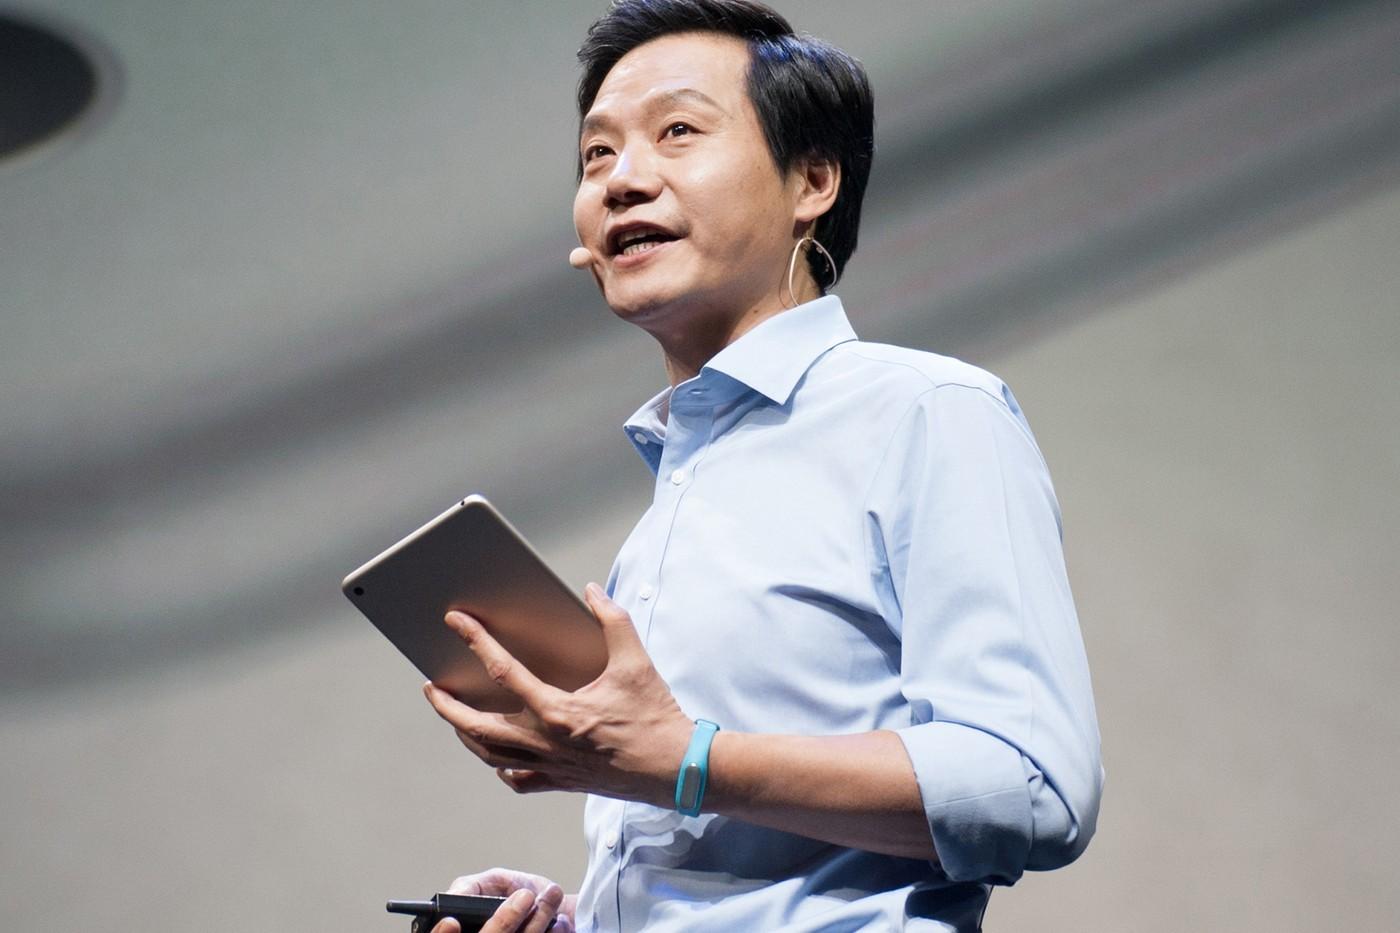 小米科技CEO雷军亲自宣布全新手机 Mi 11 将不随附充电器